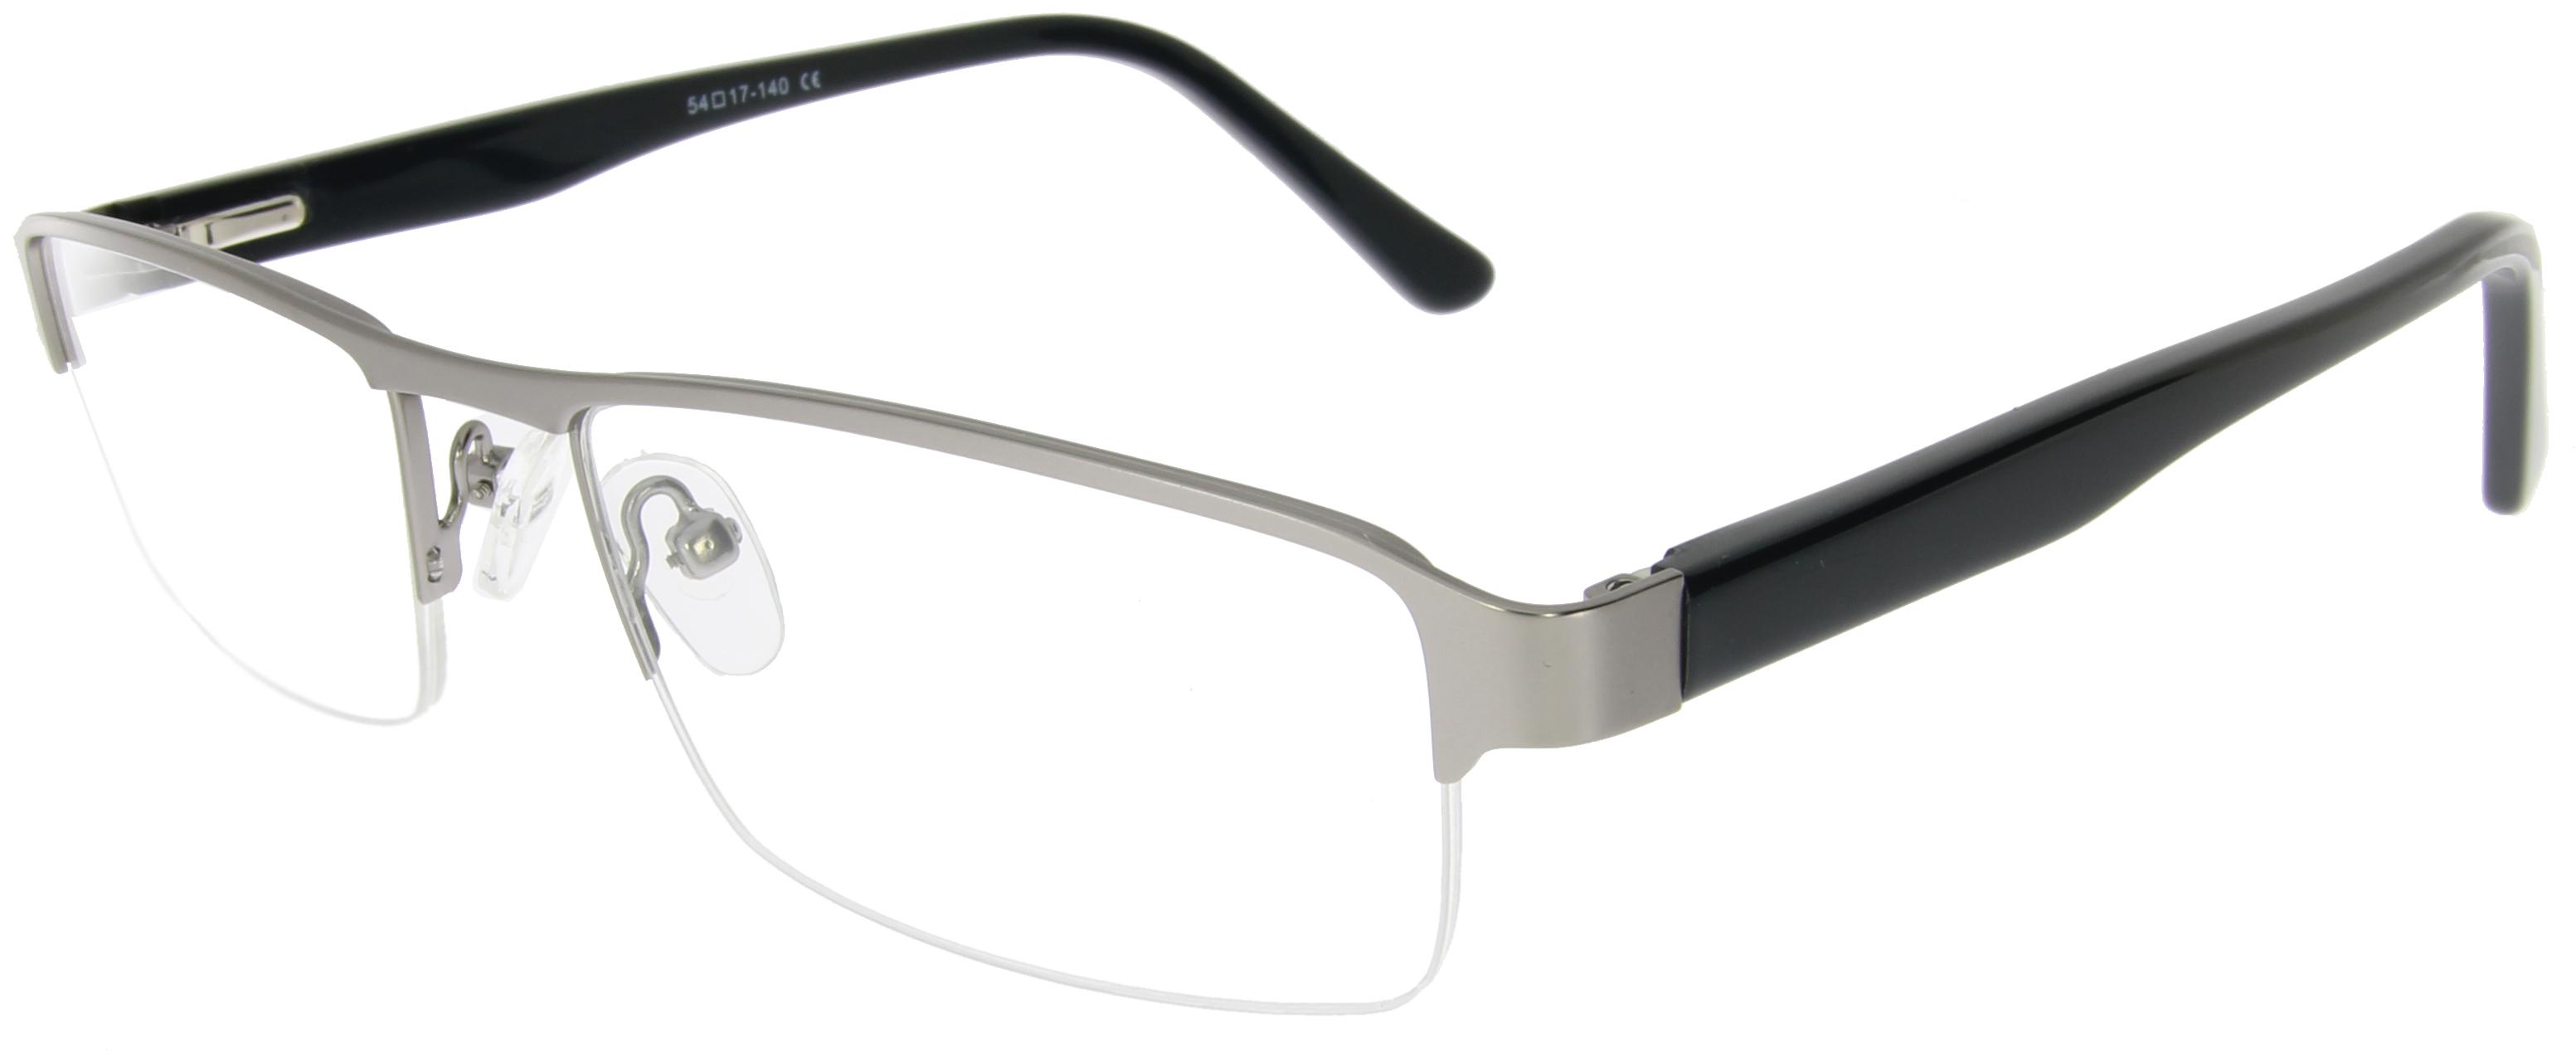 Unisex Halbrand-Gleitsichtbrille in Grau und Sc...